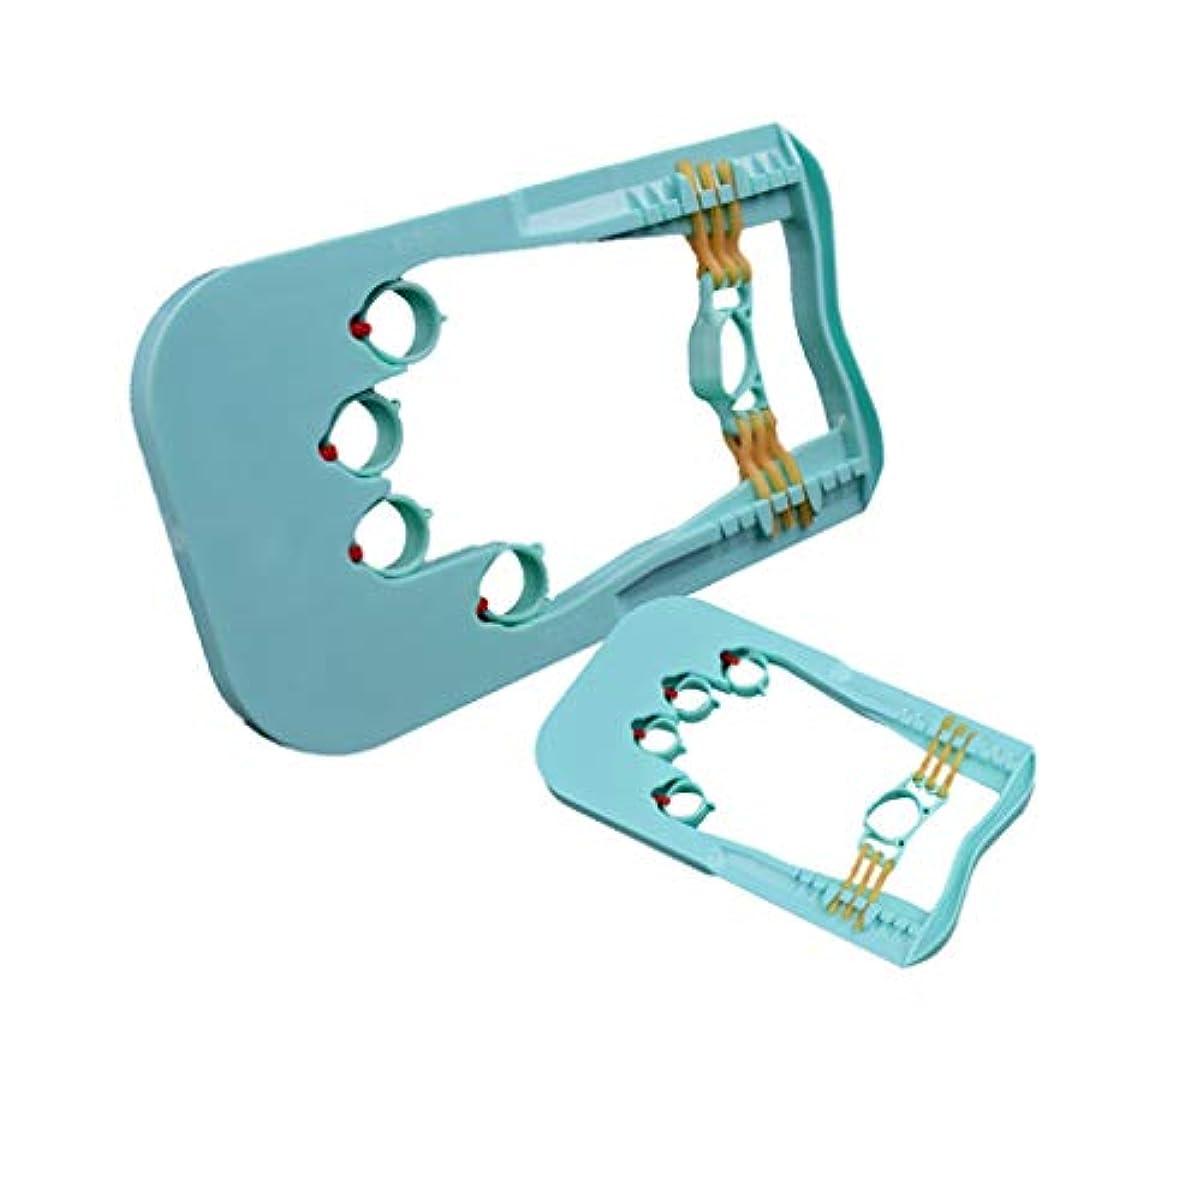 ごめんなさい削減トラフ指サポートトレーニングブレースマレットブレーストリガーフィンガー関節炎と靭帯の痛みフィンガーエクステンションスプリント